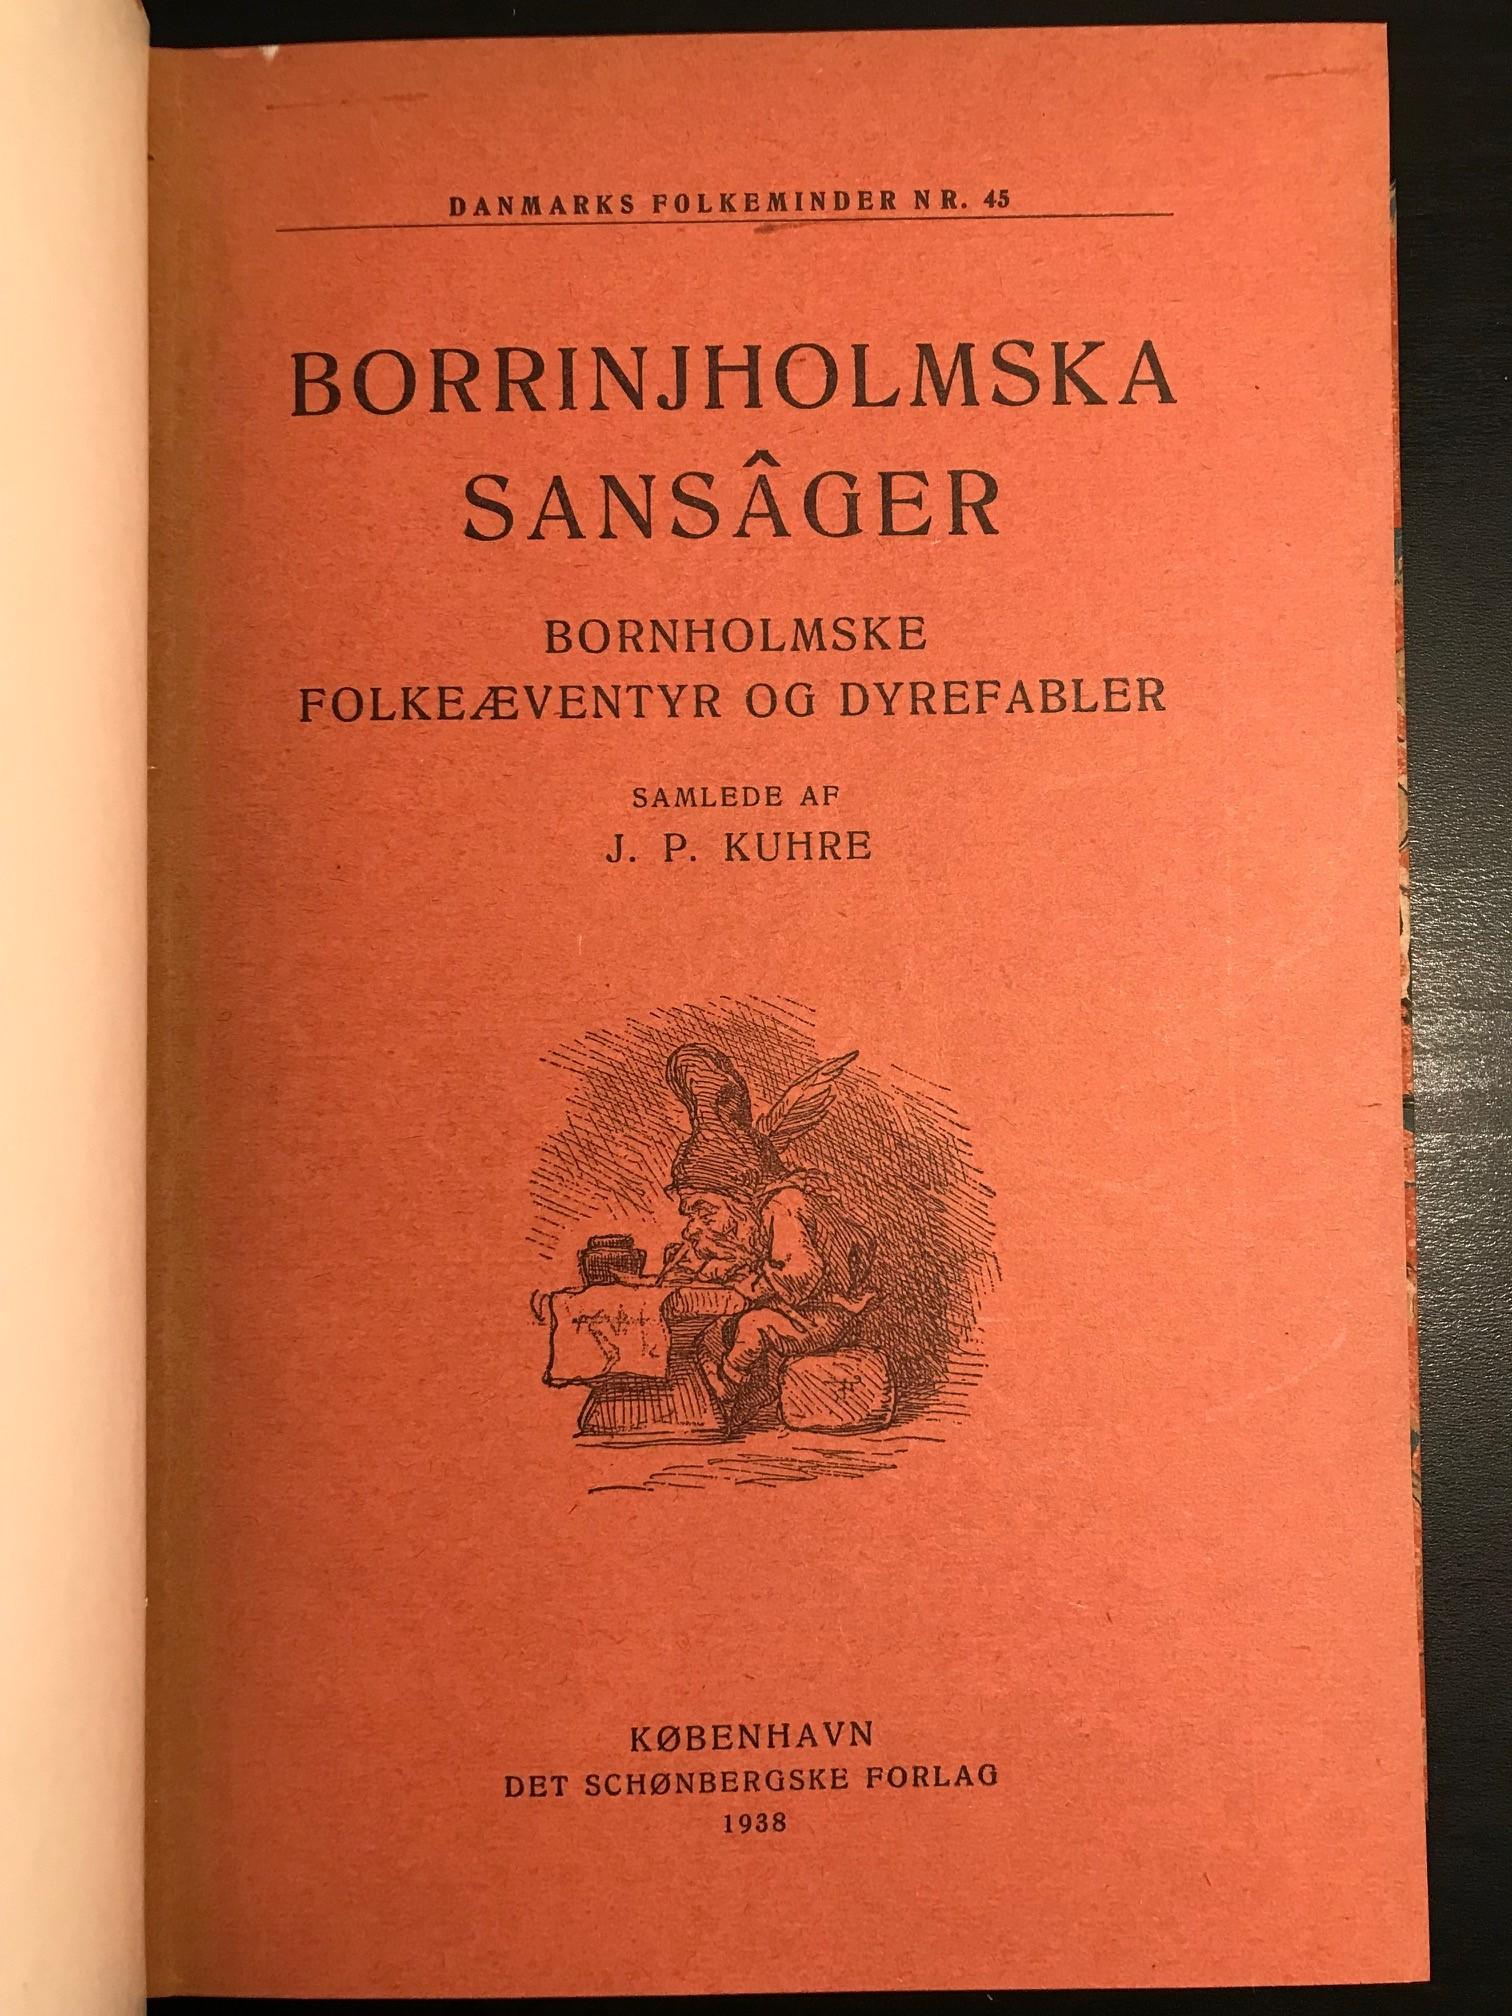 Borrinjholmska sansâger - Bornholmske folkeæventyr og dyrefabler titelblad